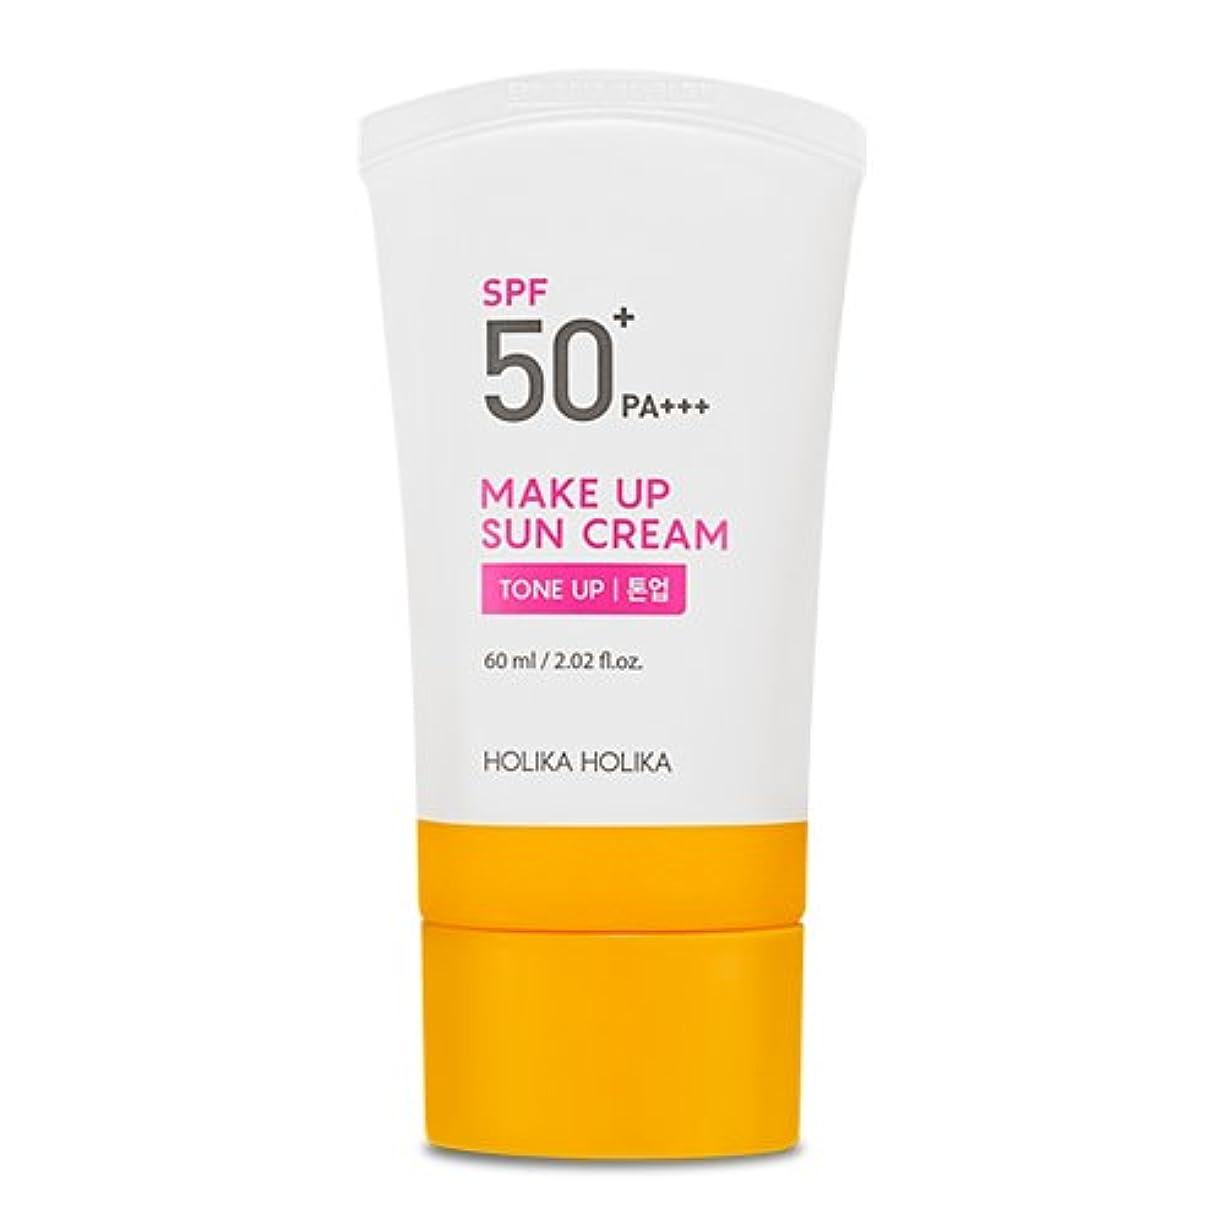 実用的謎めいたログ[2018]ホリカホリカ メイクアップ 日焼け止めクリーム/UVケア?Holika Holika Make Up Sun Cream SPF50+ PA+++ 60ml [並行輸入品]